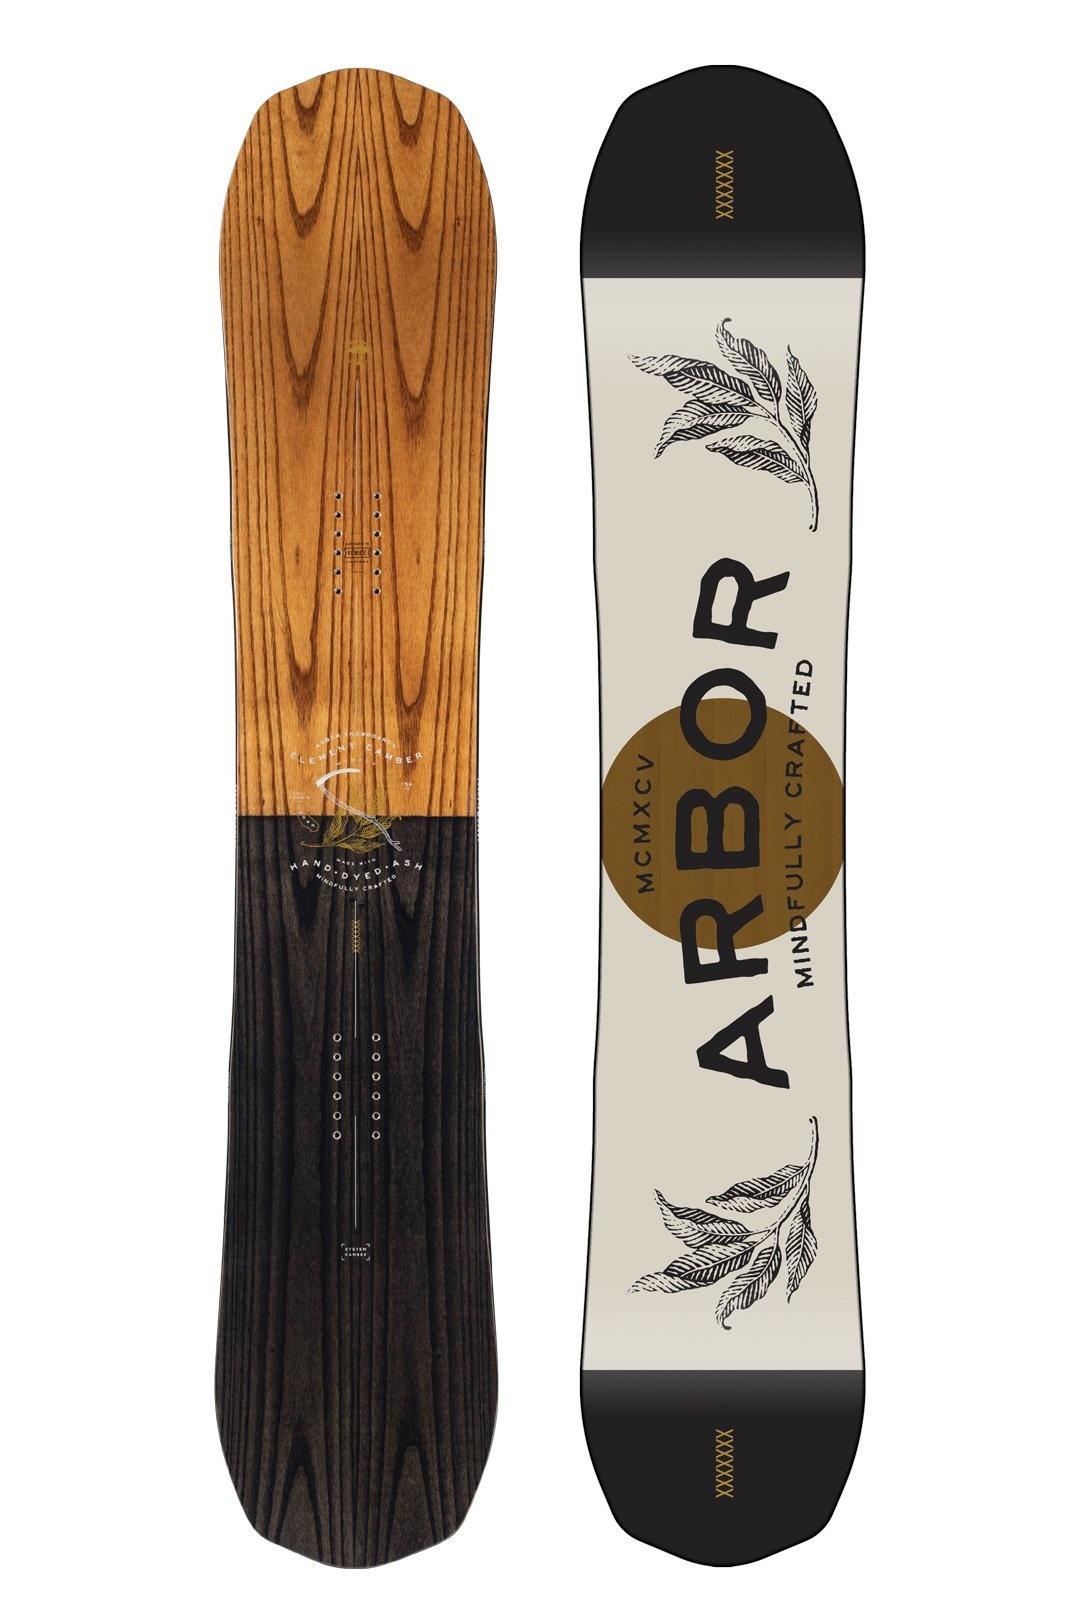 ARBOR 21 ARBOR ELEMENT CAMBER